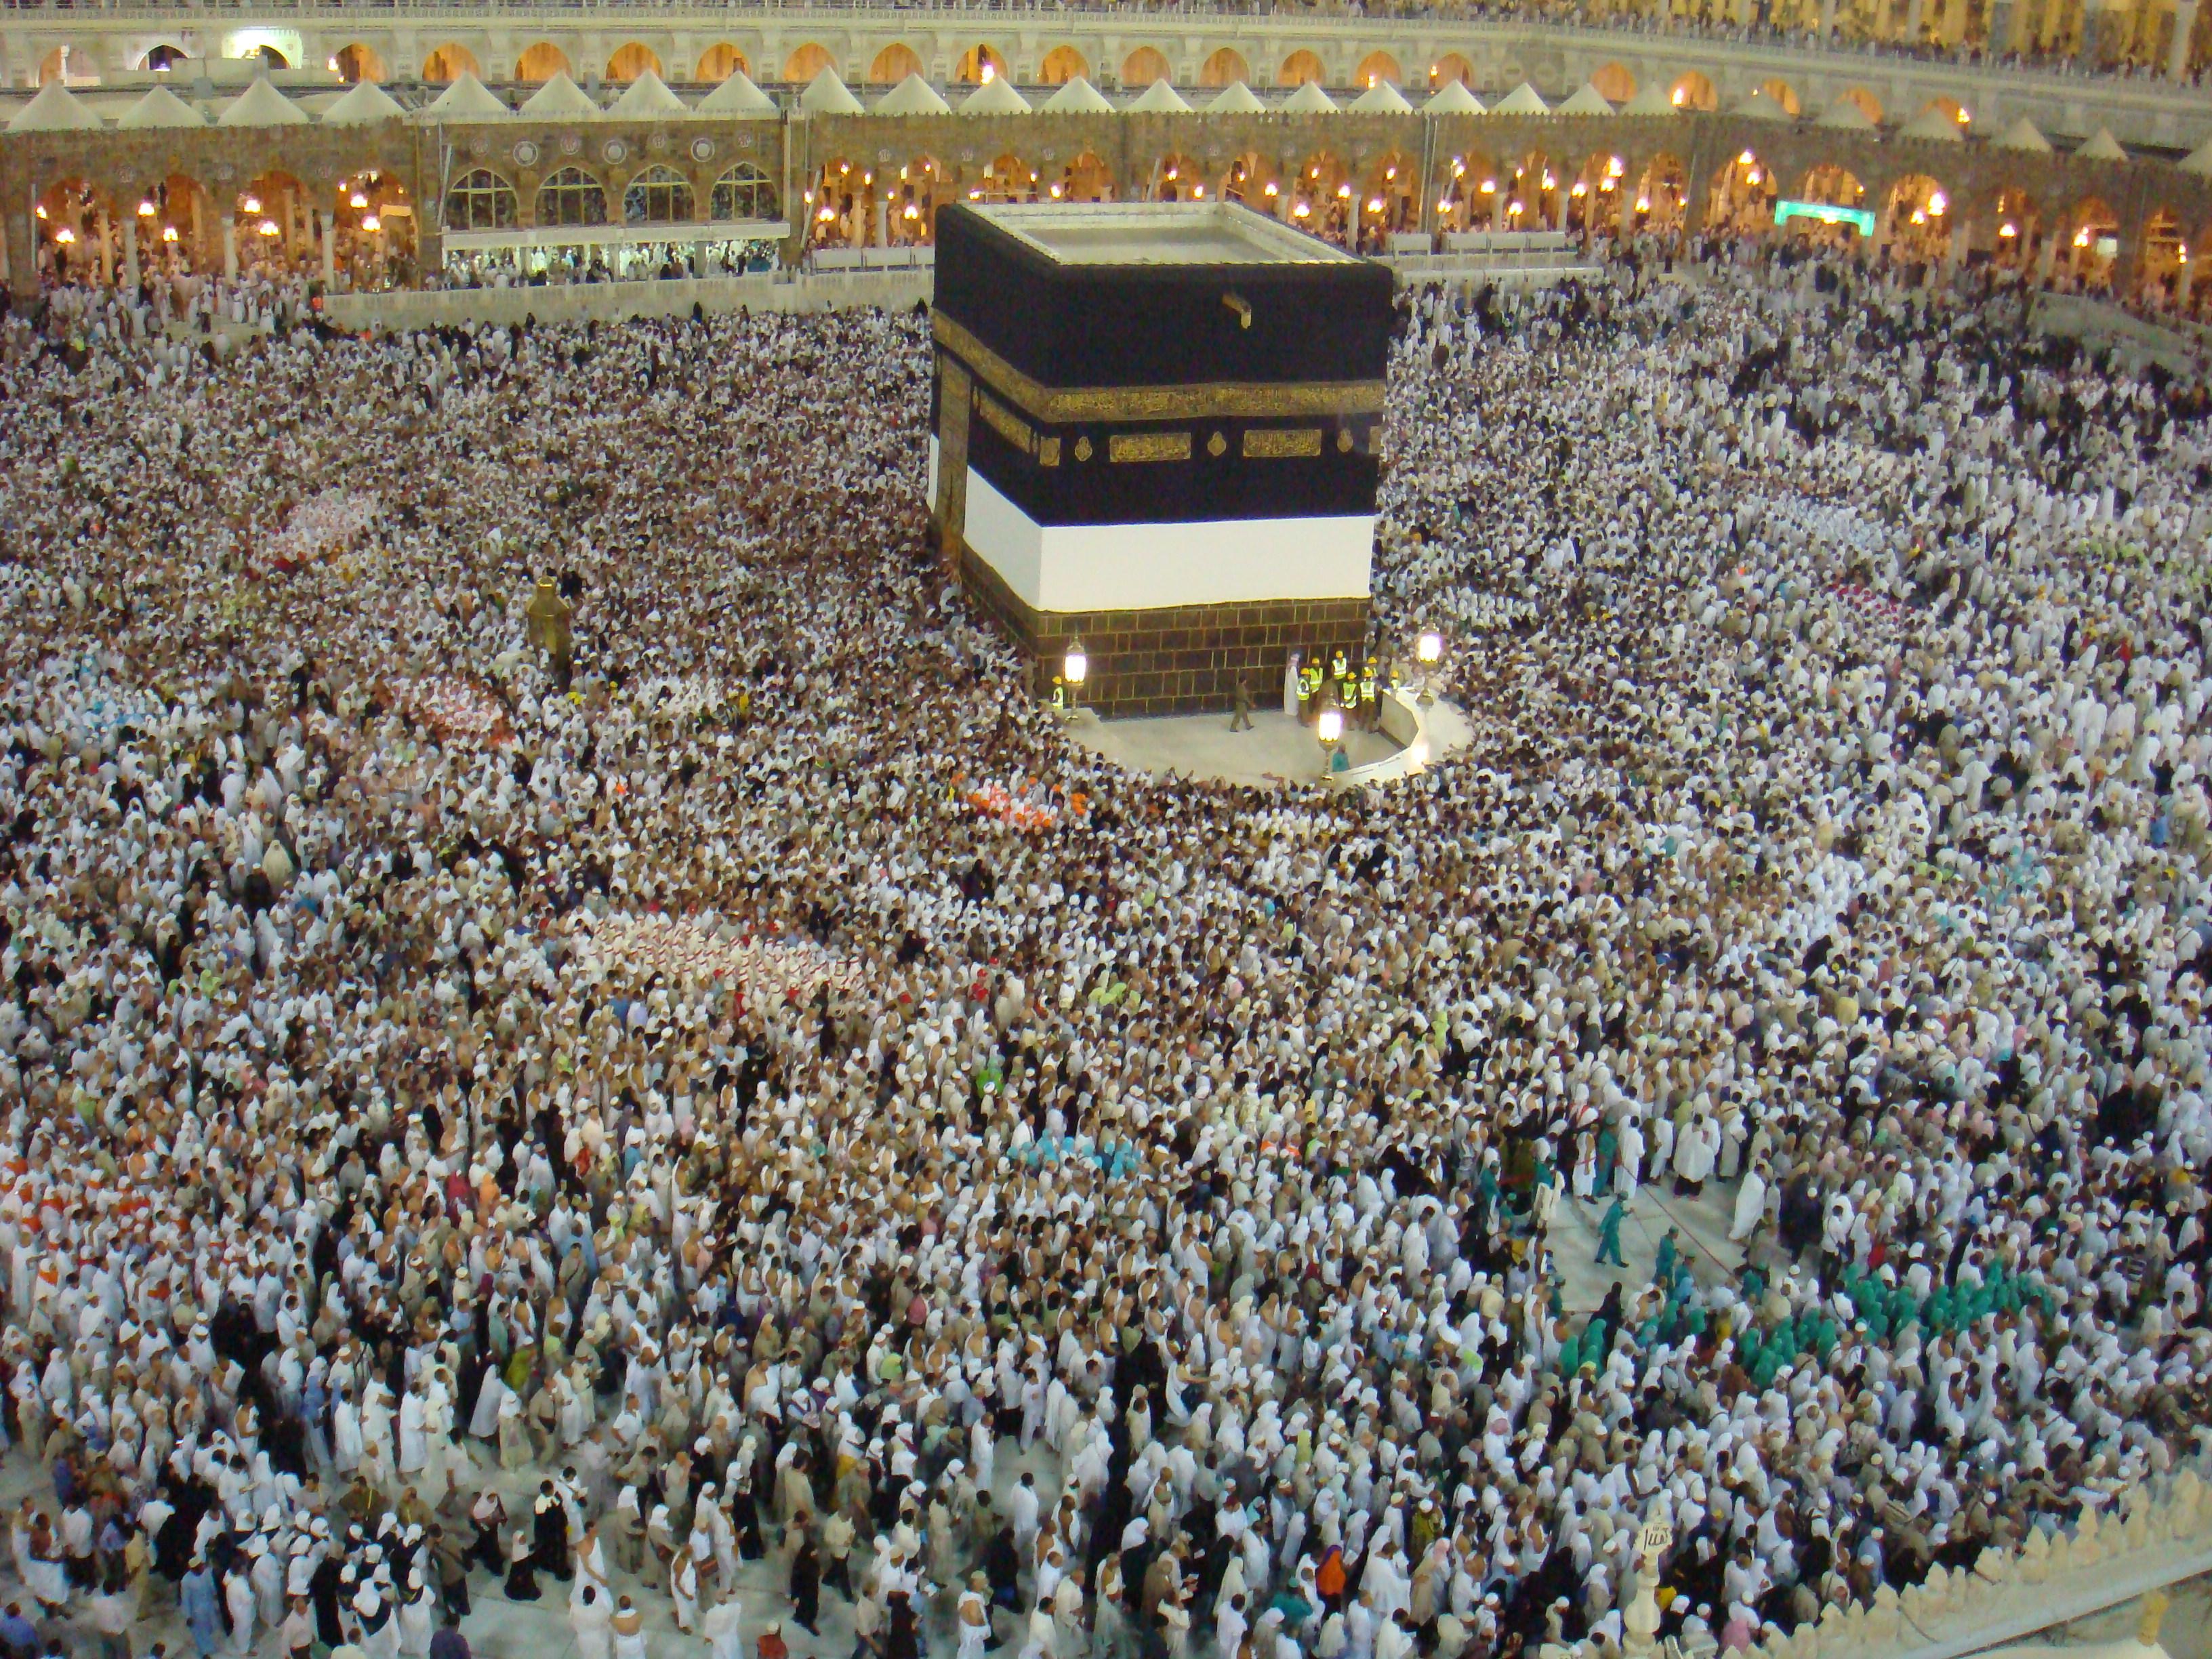 فضائل وأحكام المسجد الحرام[عدل]